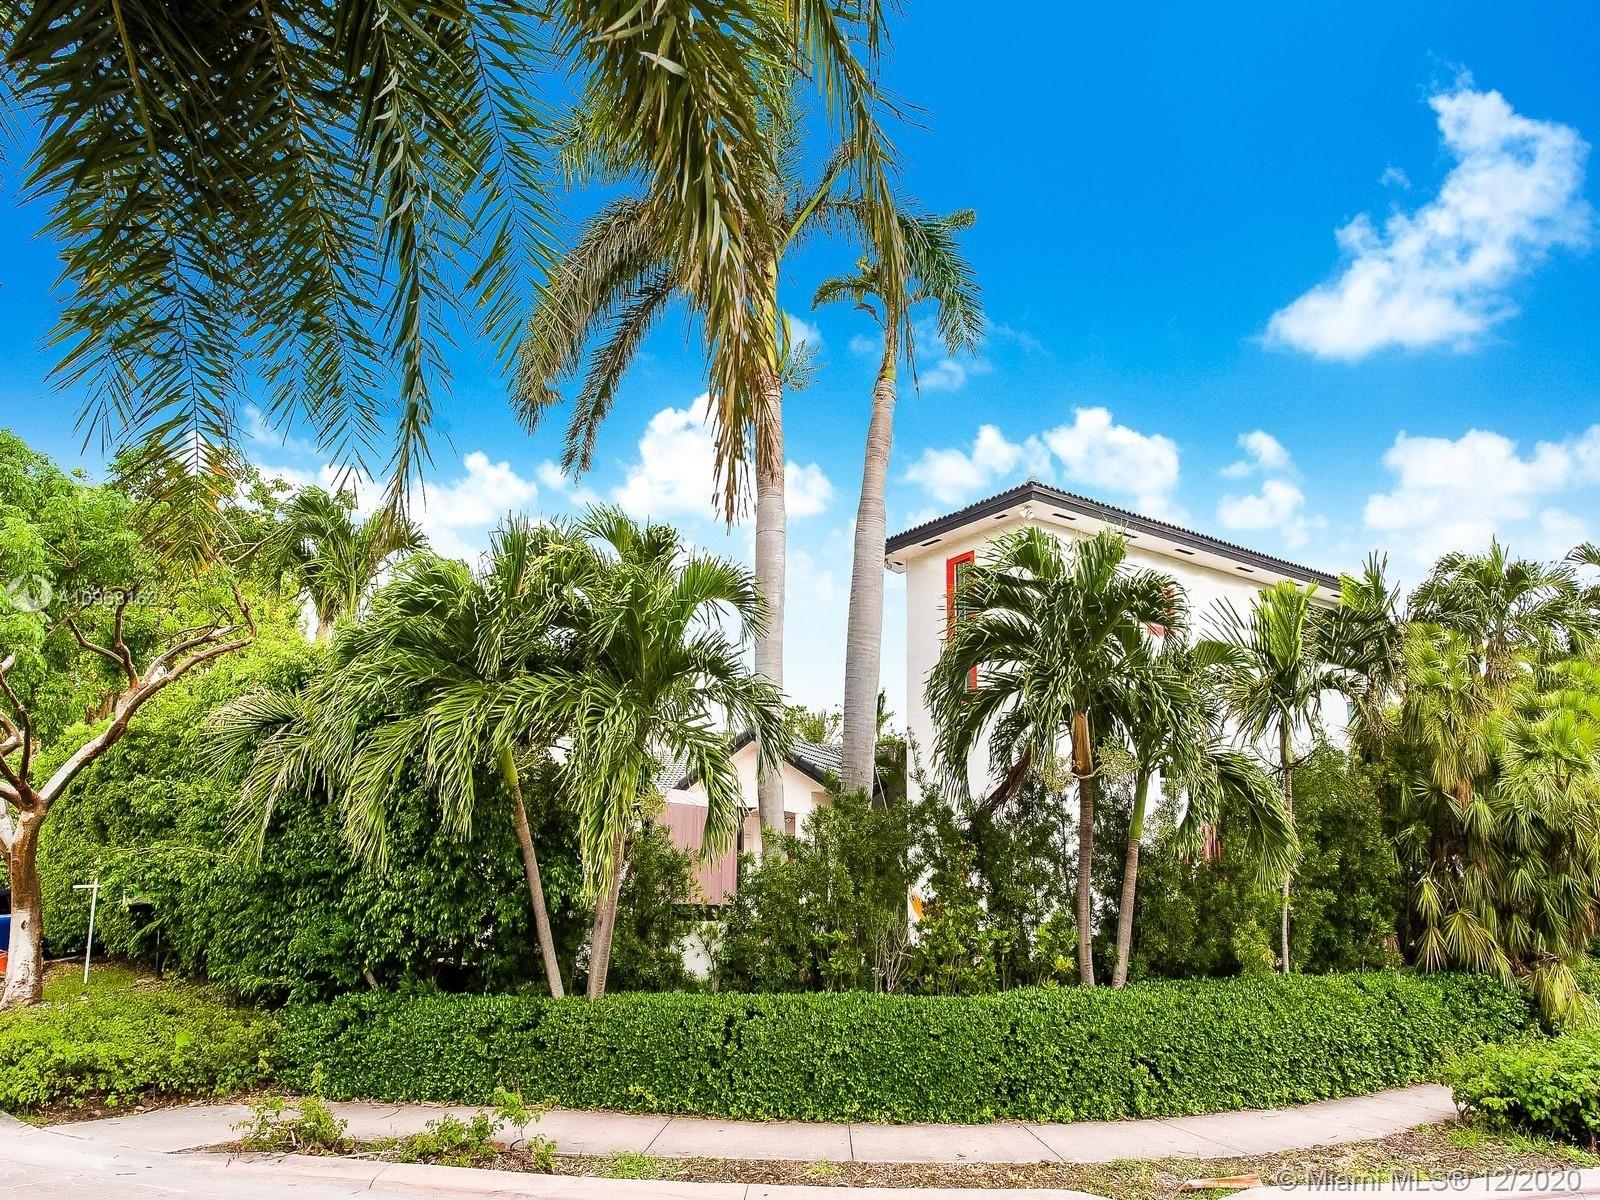 691 Ridgewood Rd, Key Biscayne, FL 33149 - #: A10968162